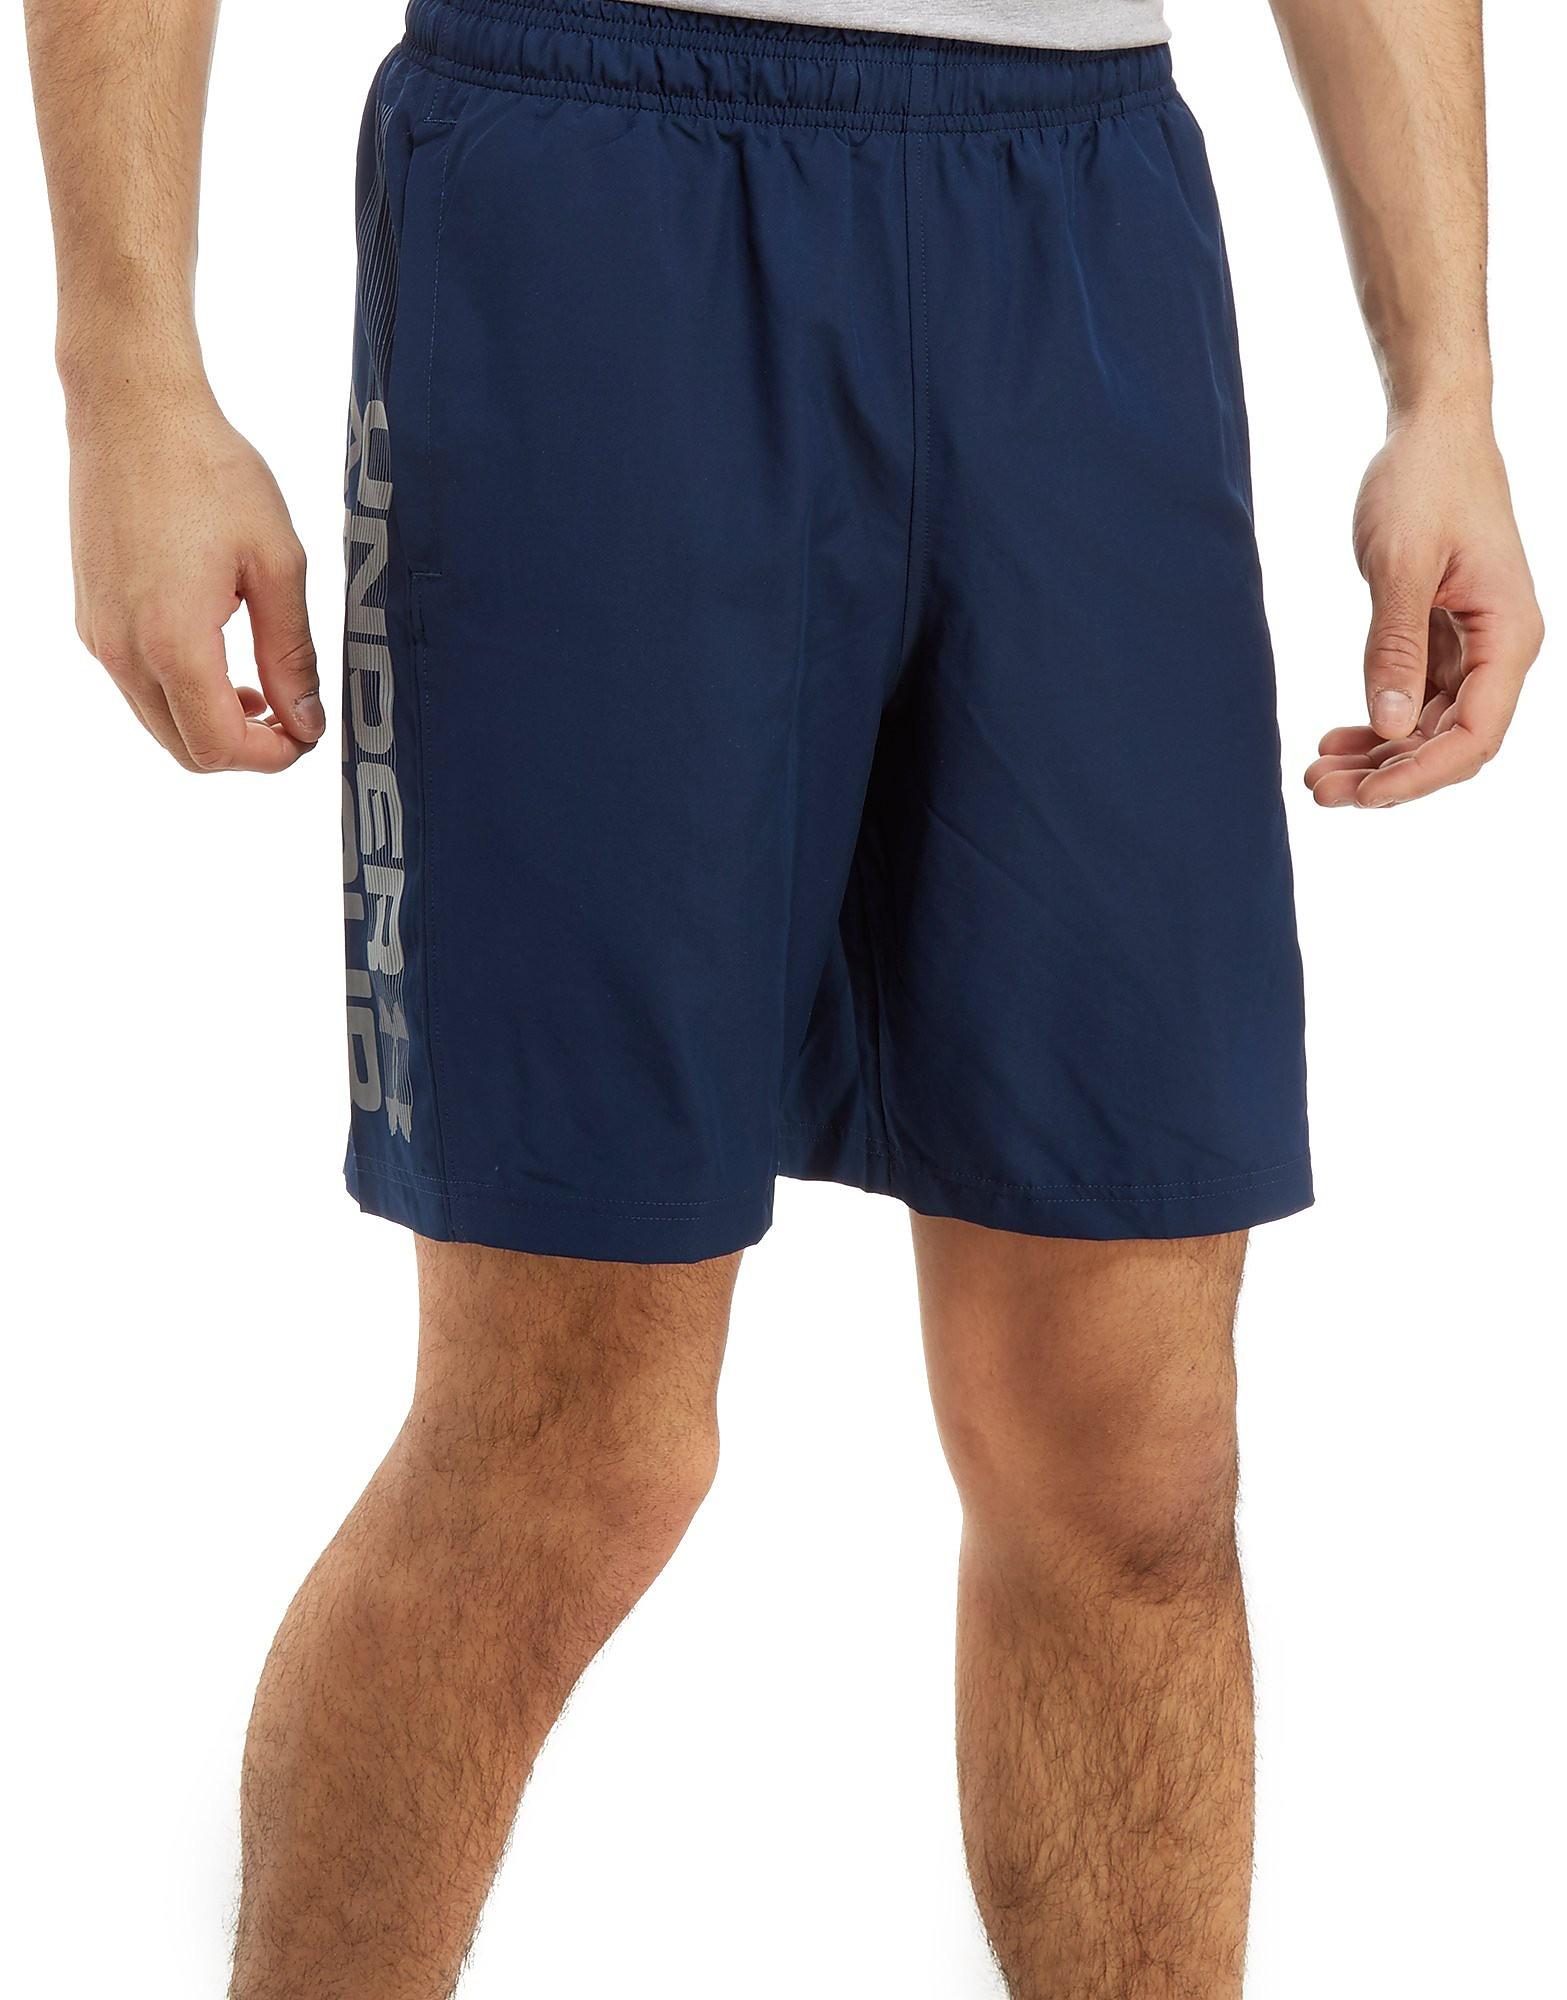 Under Armour Wordmark Shorts